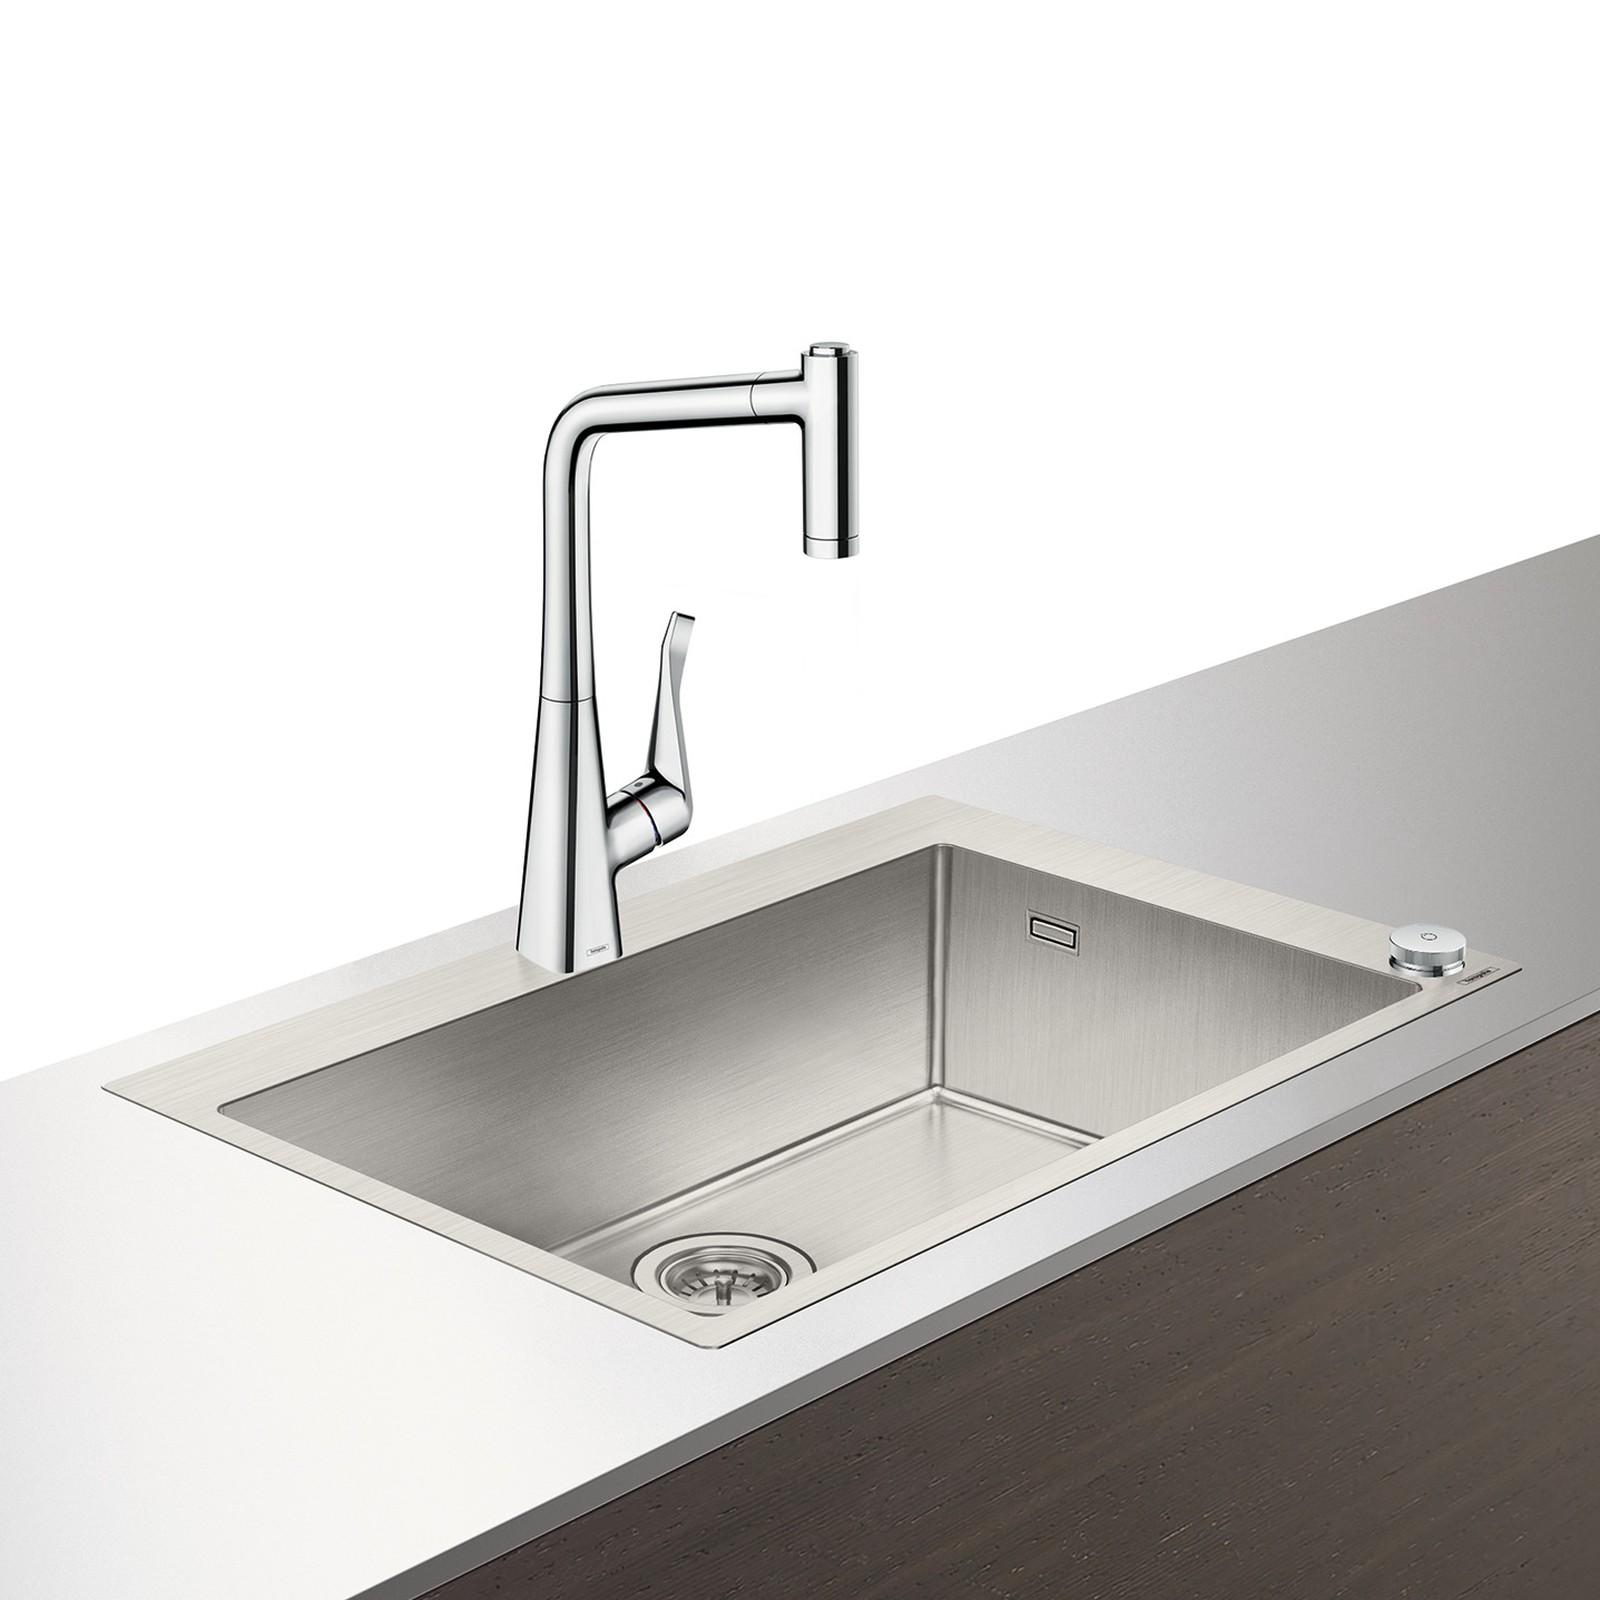 HG Select Spülencombi 660 chrom